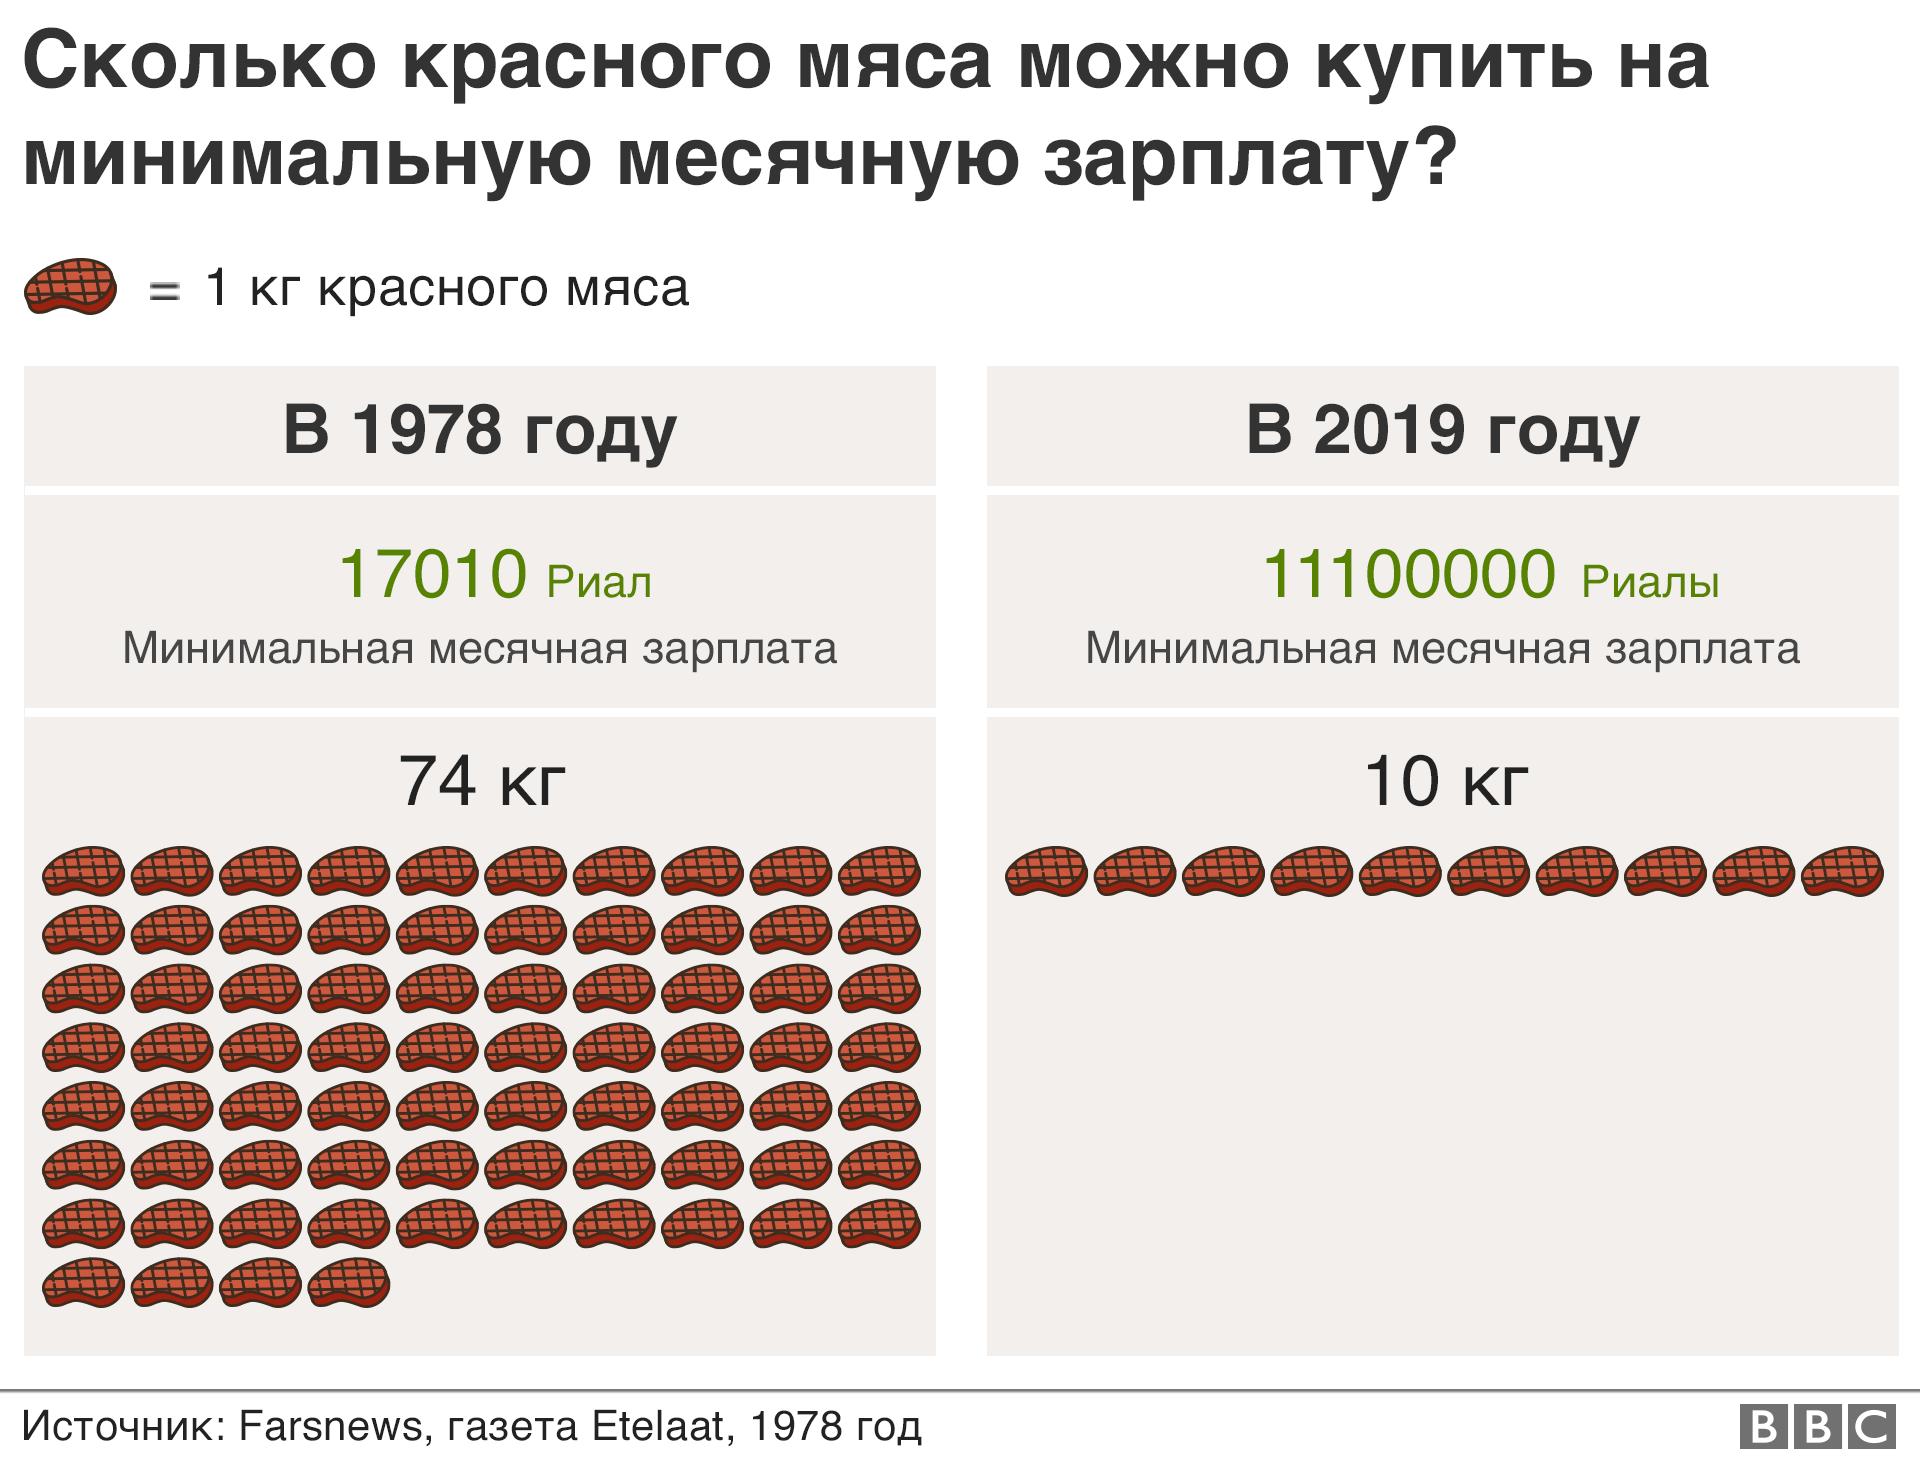 Сколько мяса можно купить